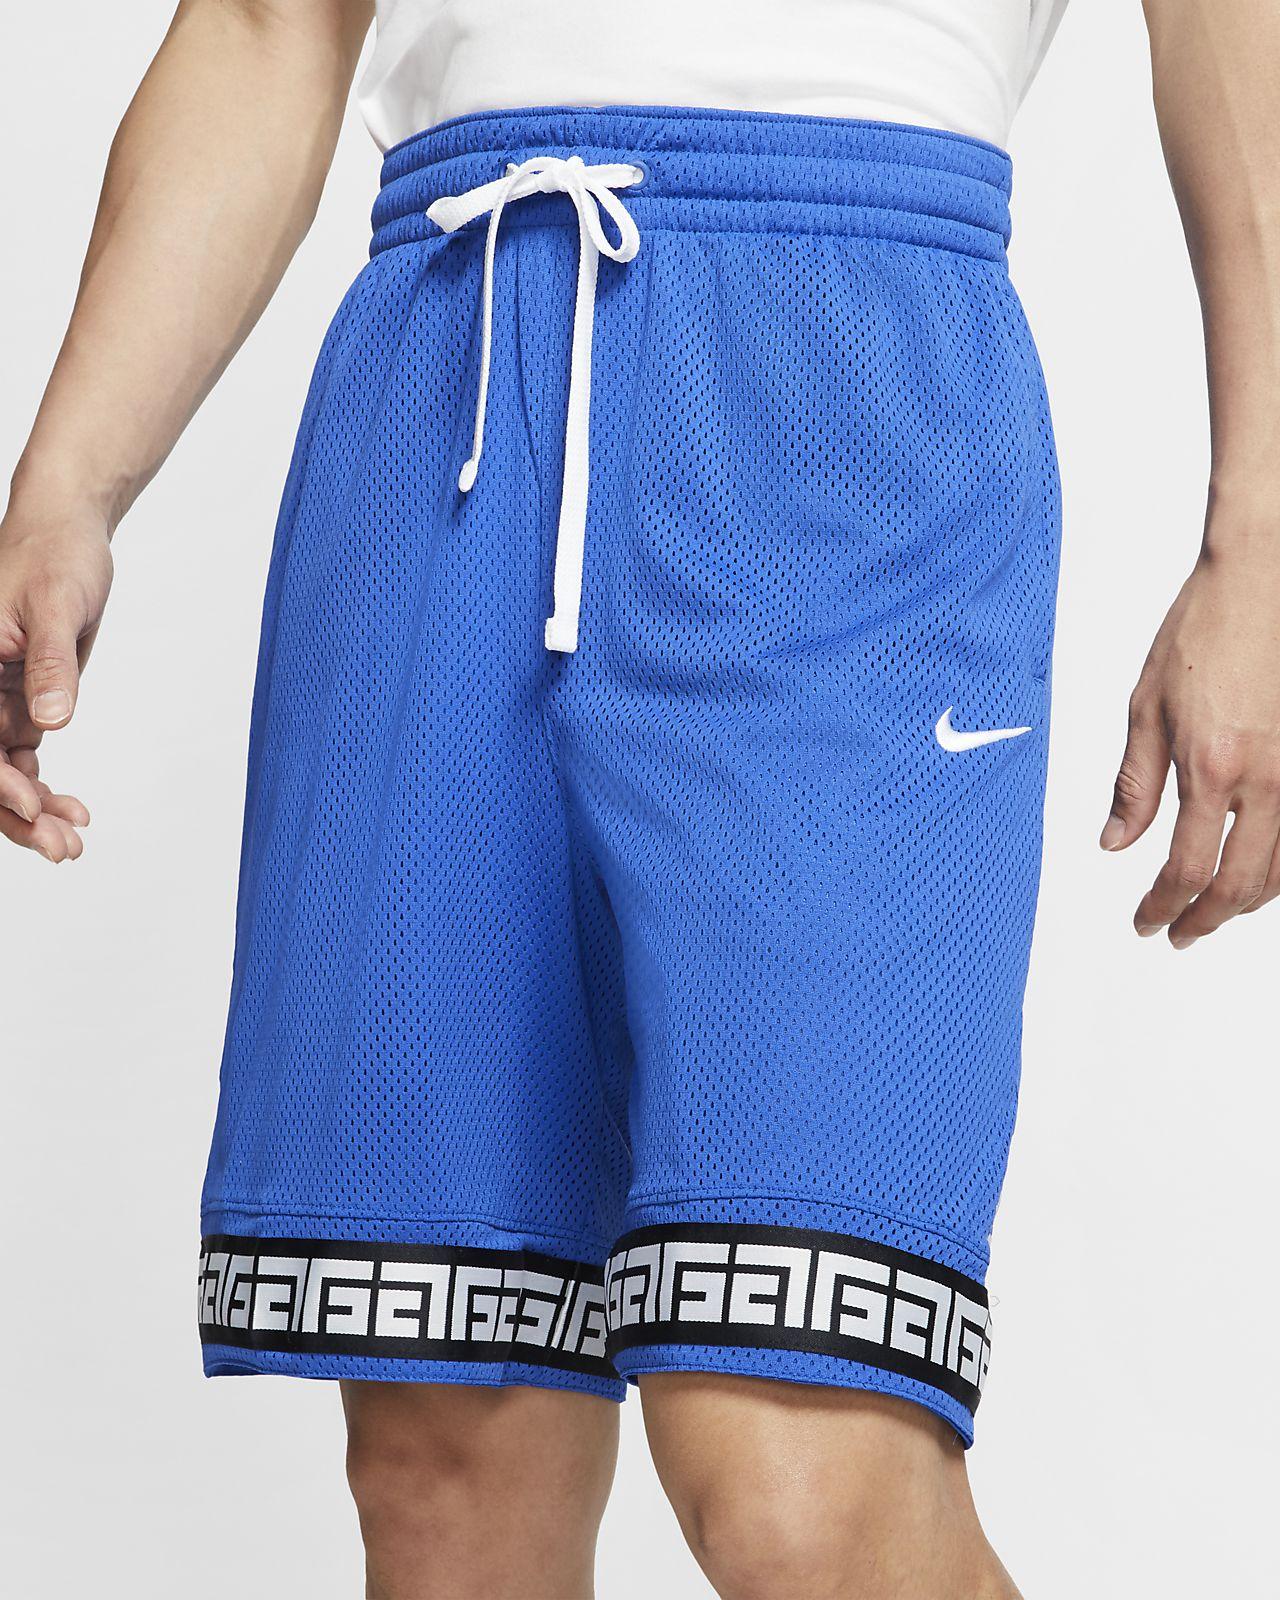 กางเกงบาสเก็ตบอลขาสั้นผู้ชาย Giannis